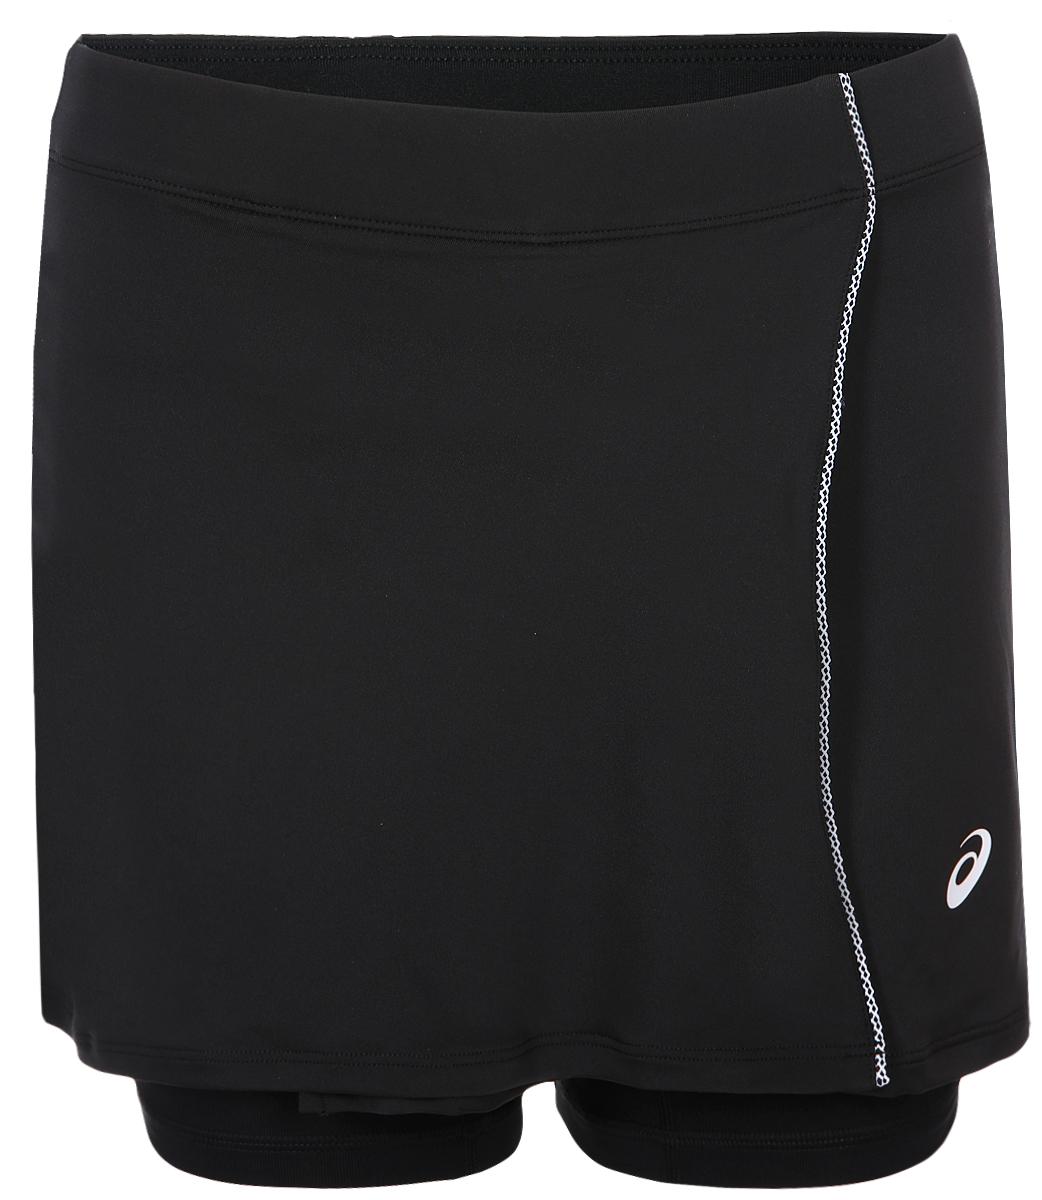 Мини-юбка для тенниса от Asics с внутренними шортами выполнена из полиэстера с добавлением спандекса. Модель с эластичной резинкой на талии.